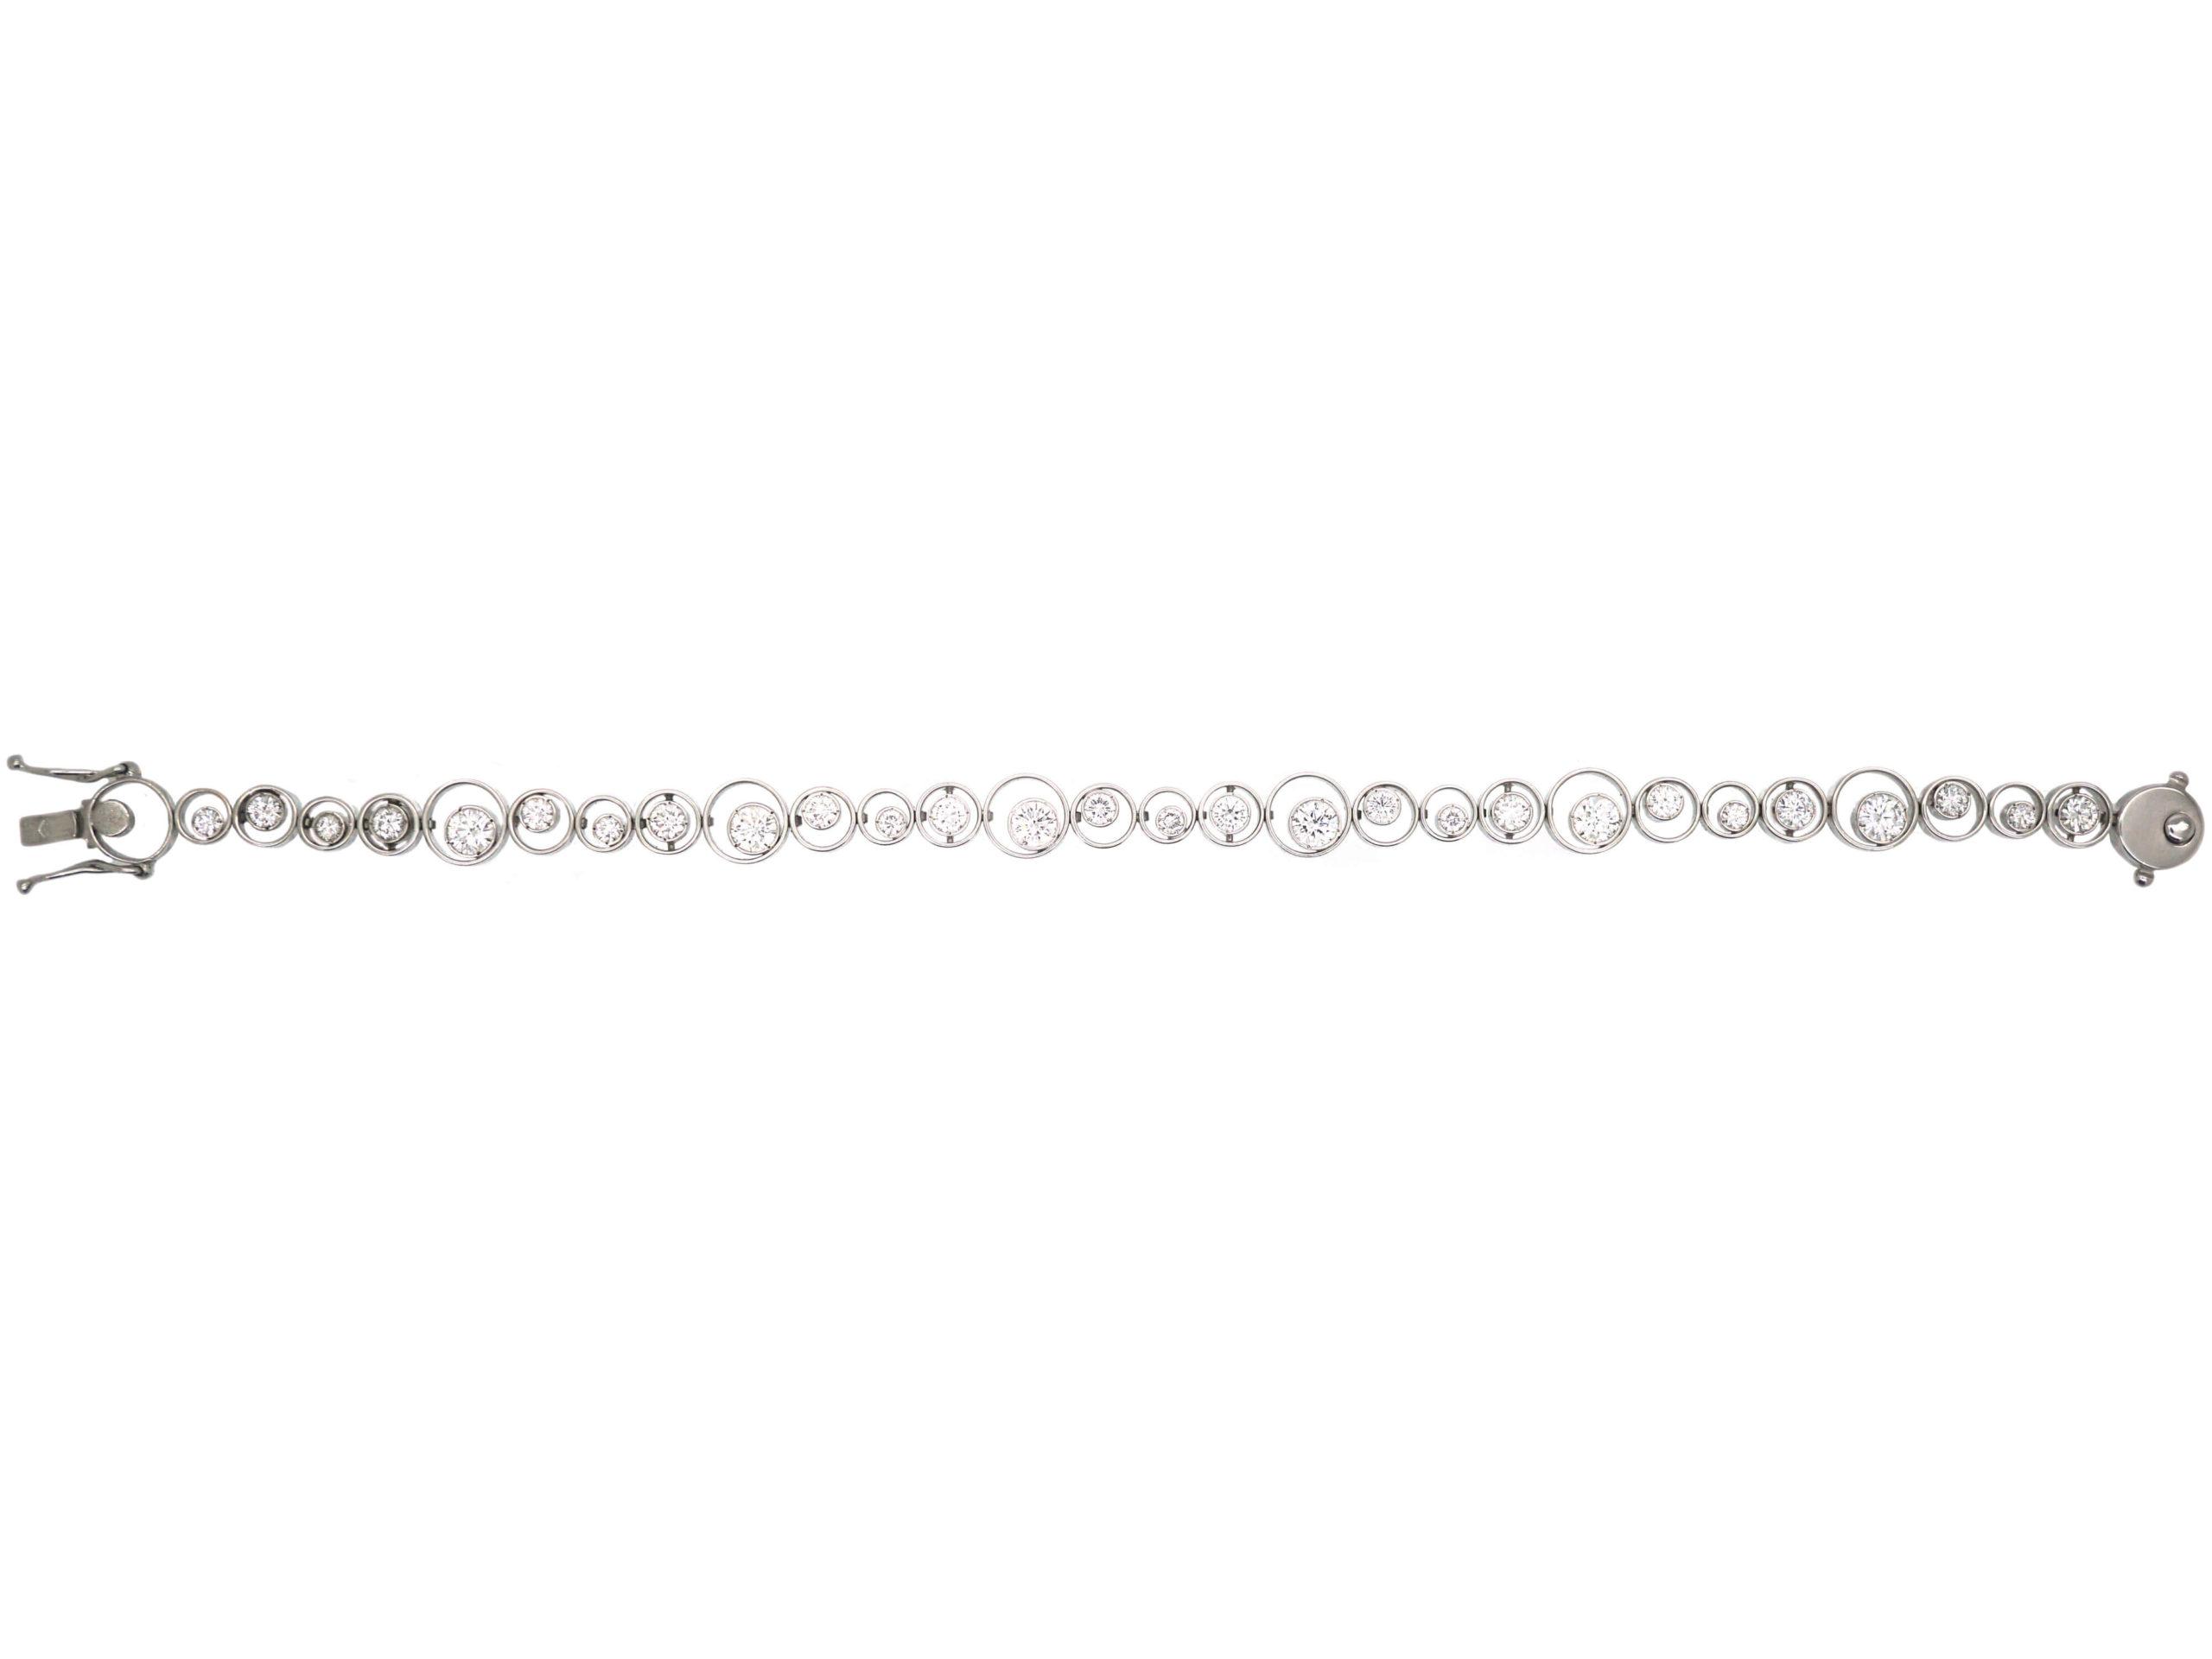 18ct White Gold & Diamond Tourbillon Bracelet by Fred, Paris